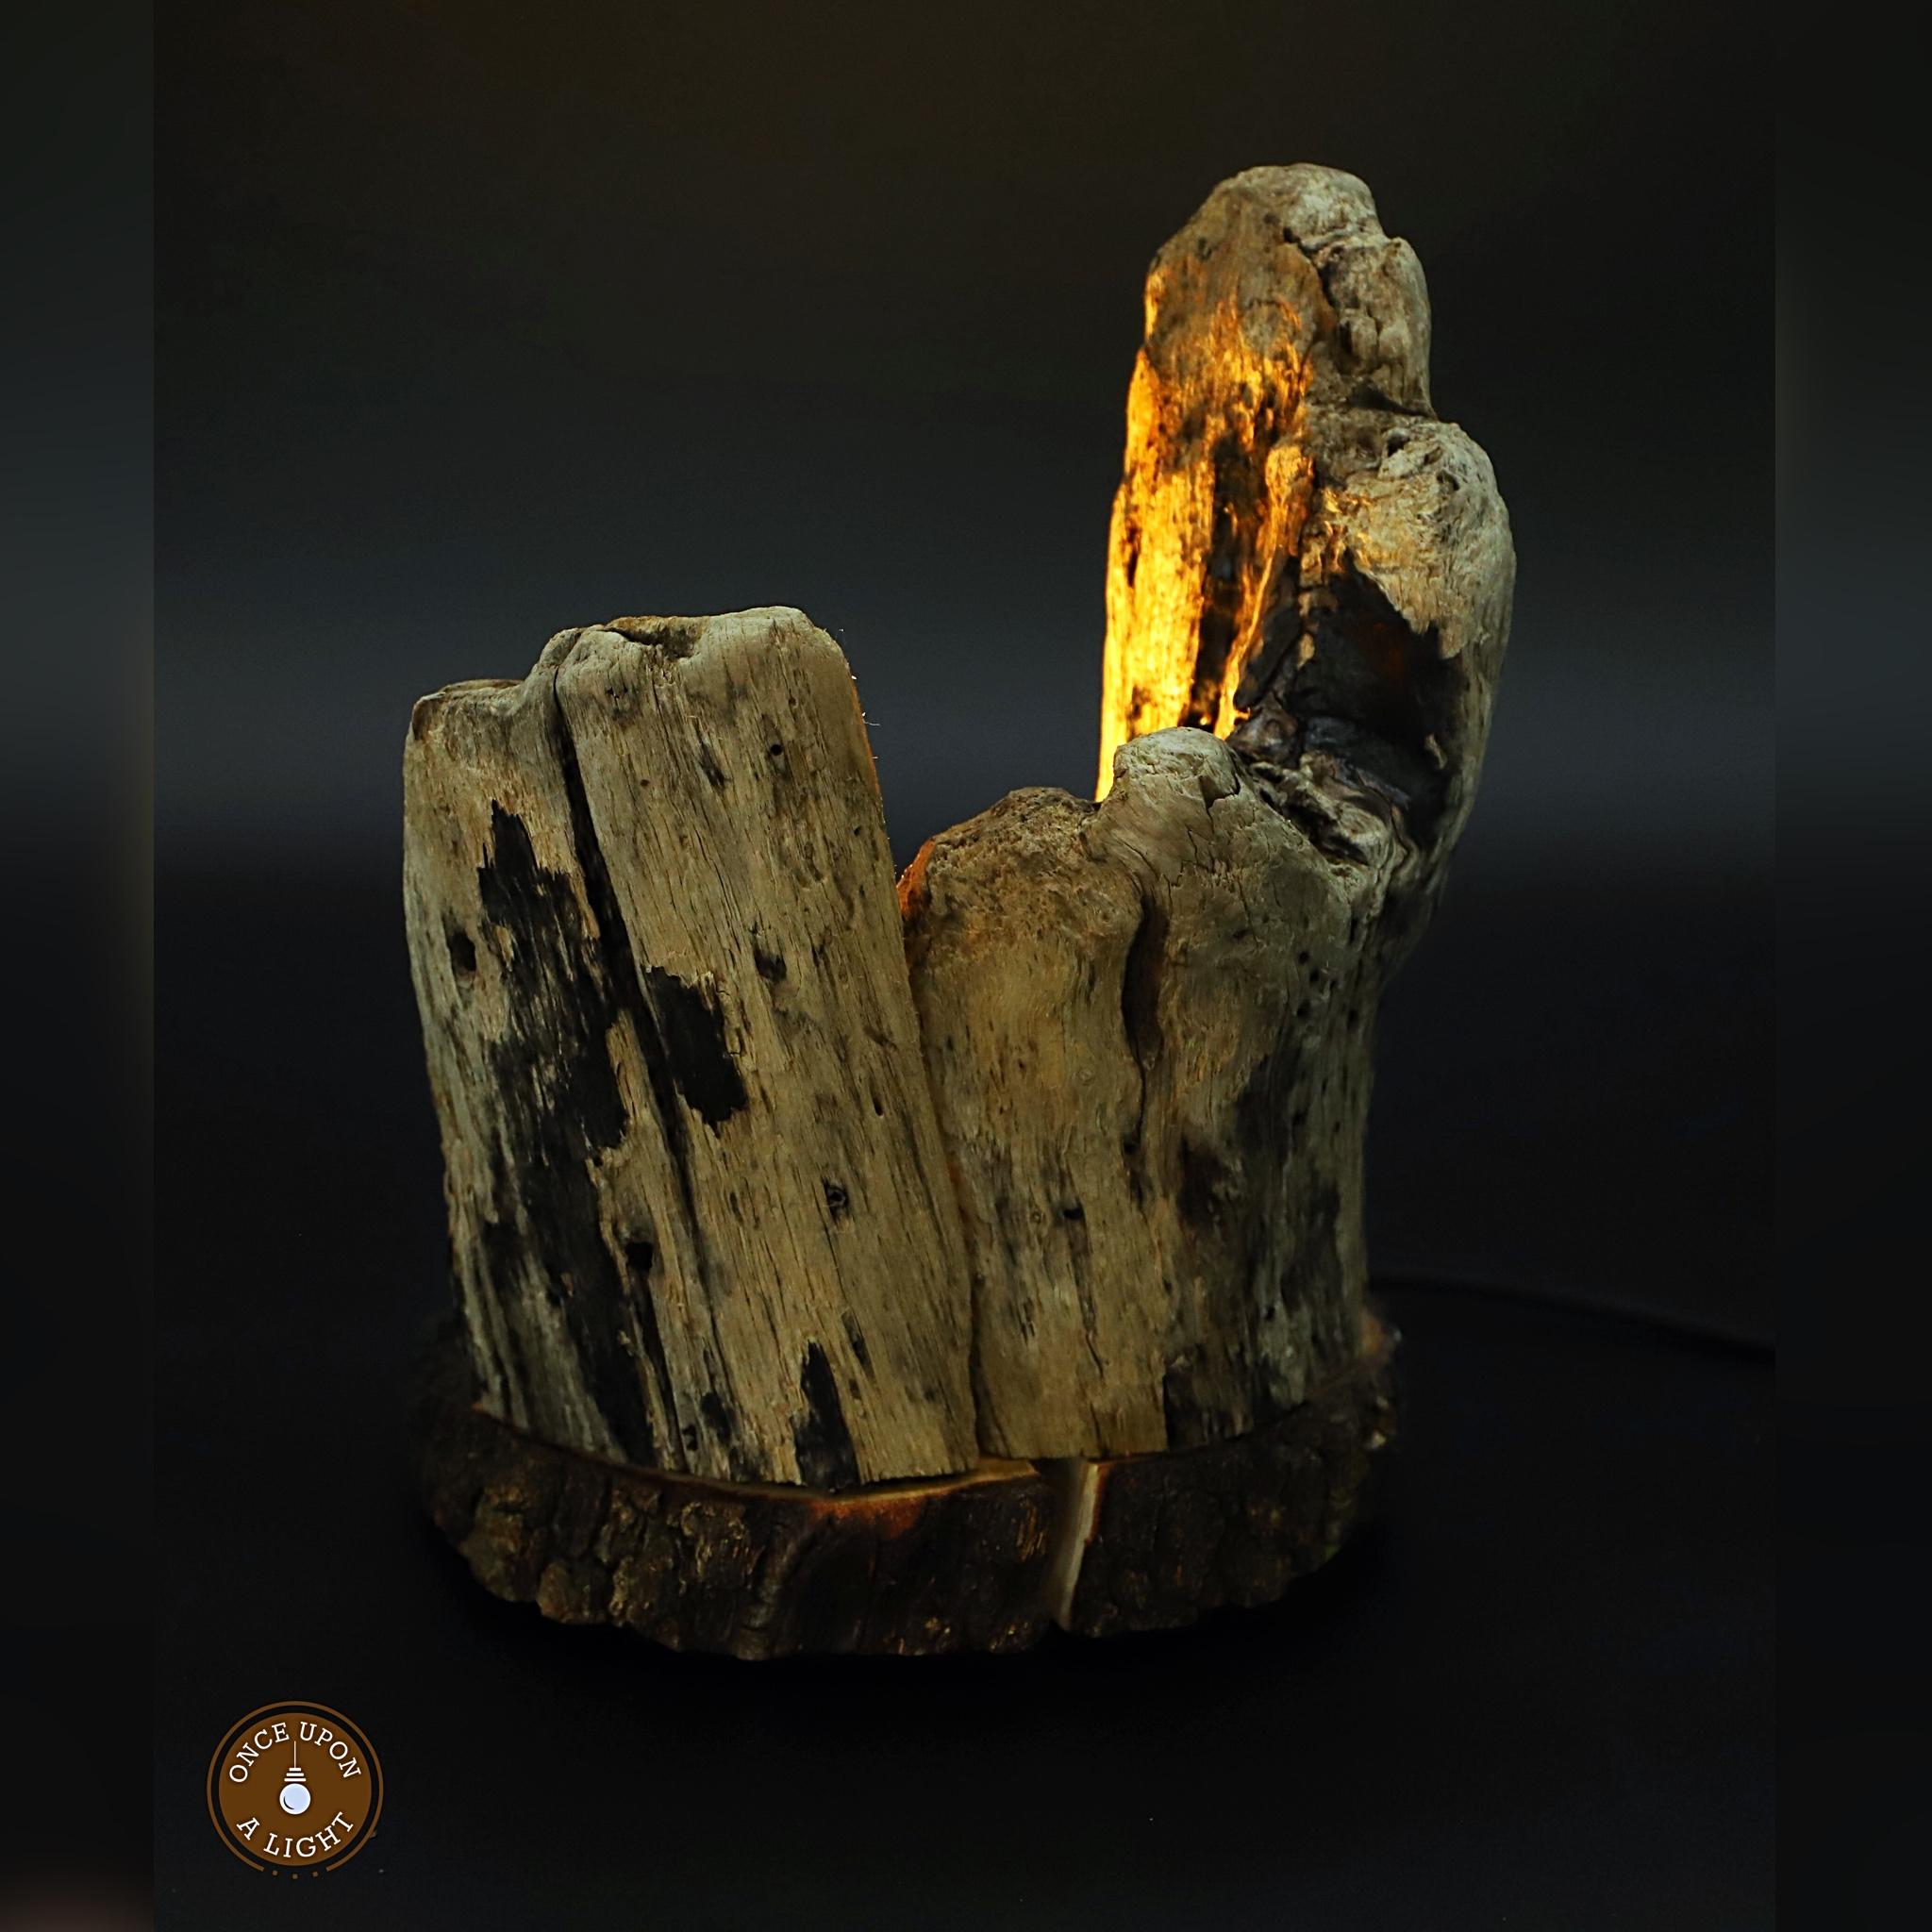 Lampe led en bois flotté